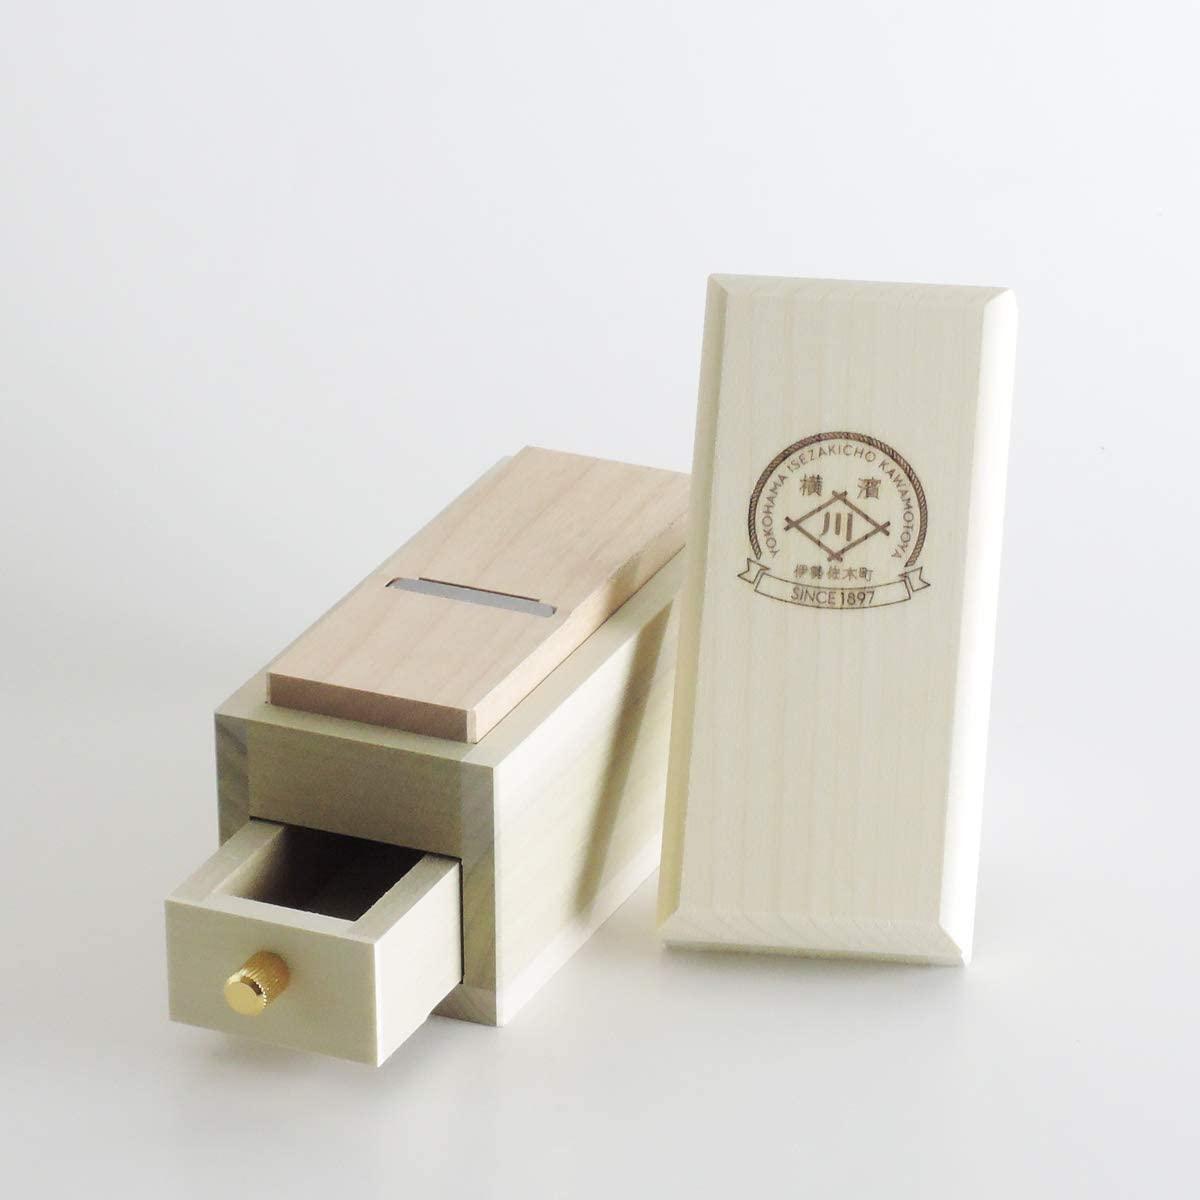 川本屋茶舗 鰹節とnewミニ削り器セットの商品画像2